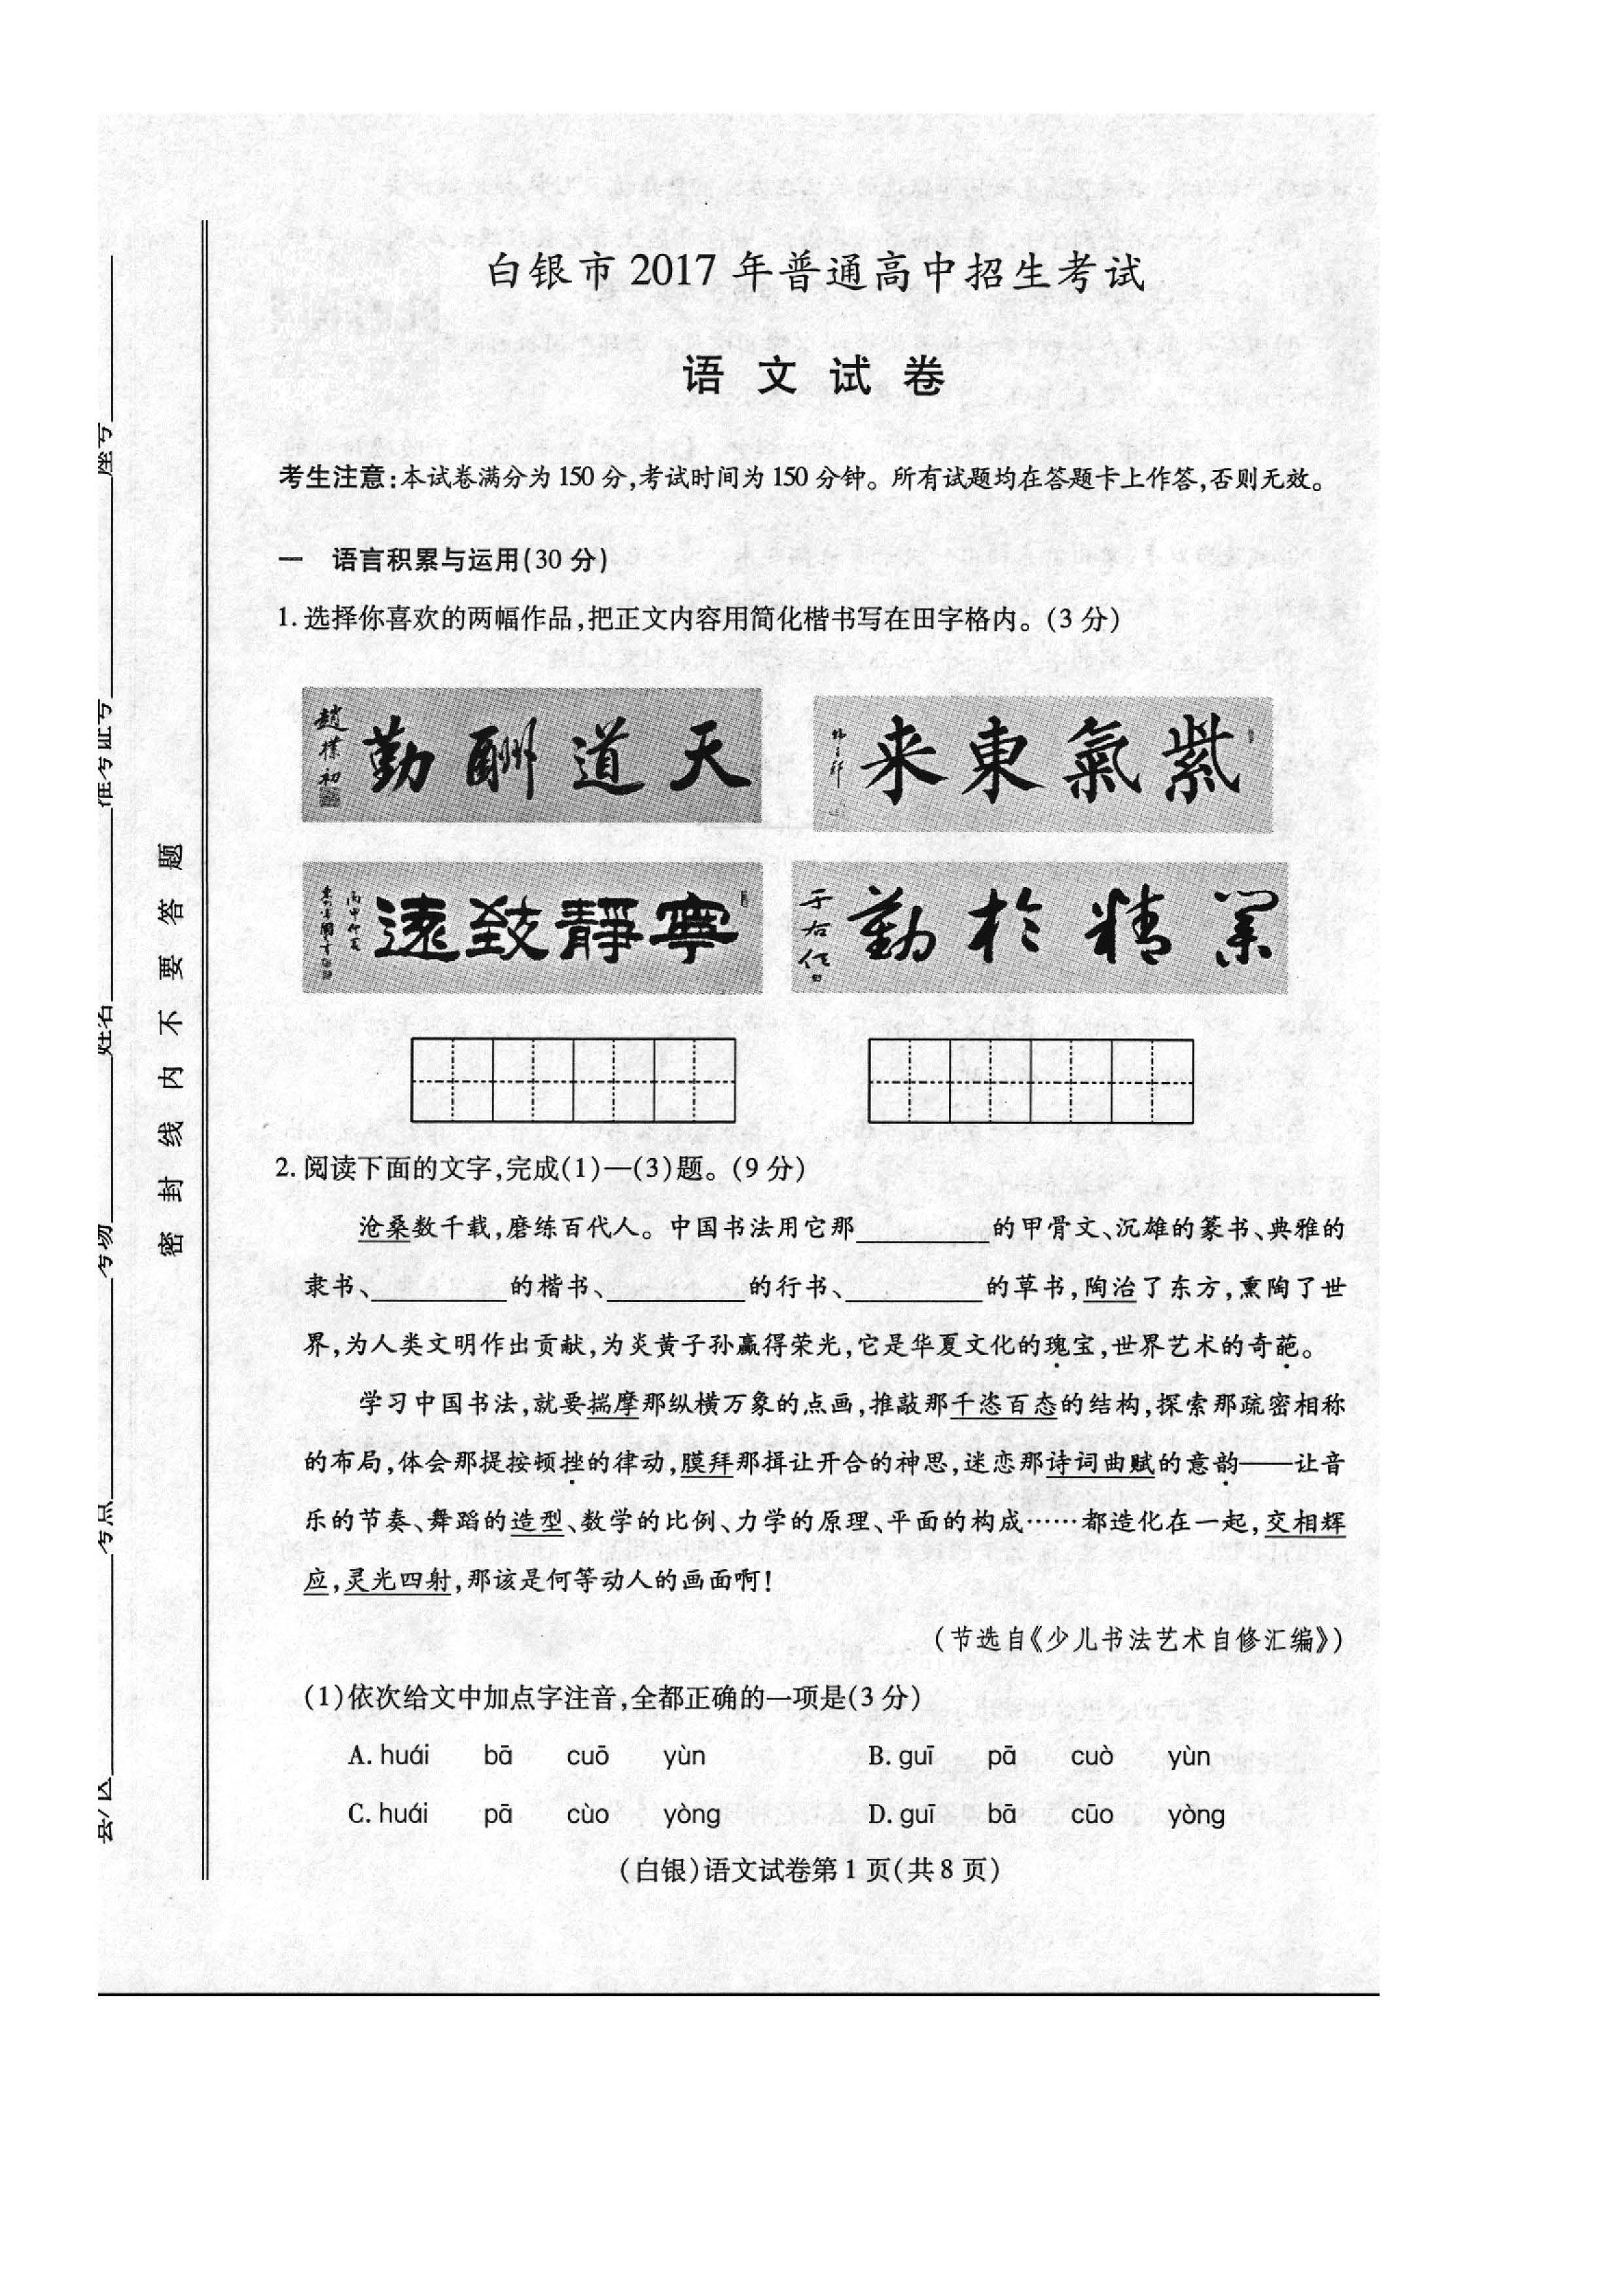 2017白银中考语文试题及答案解析(图片版含答案)